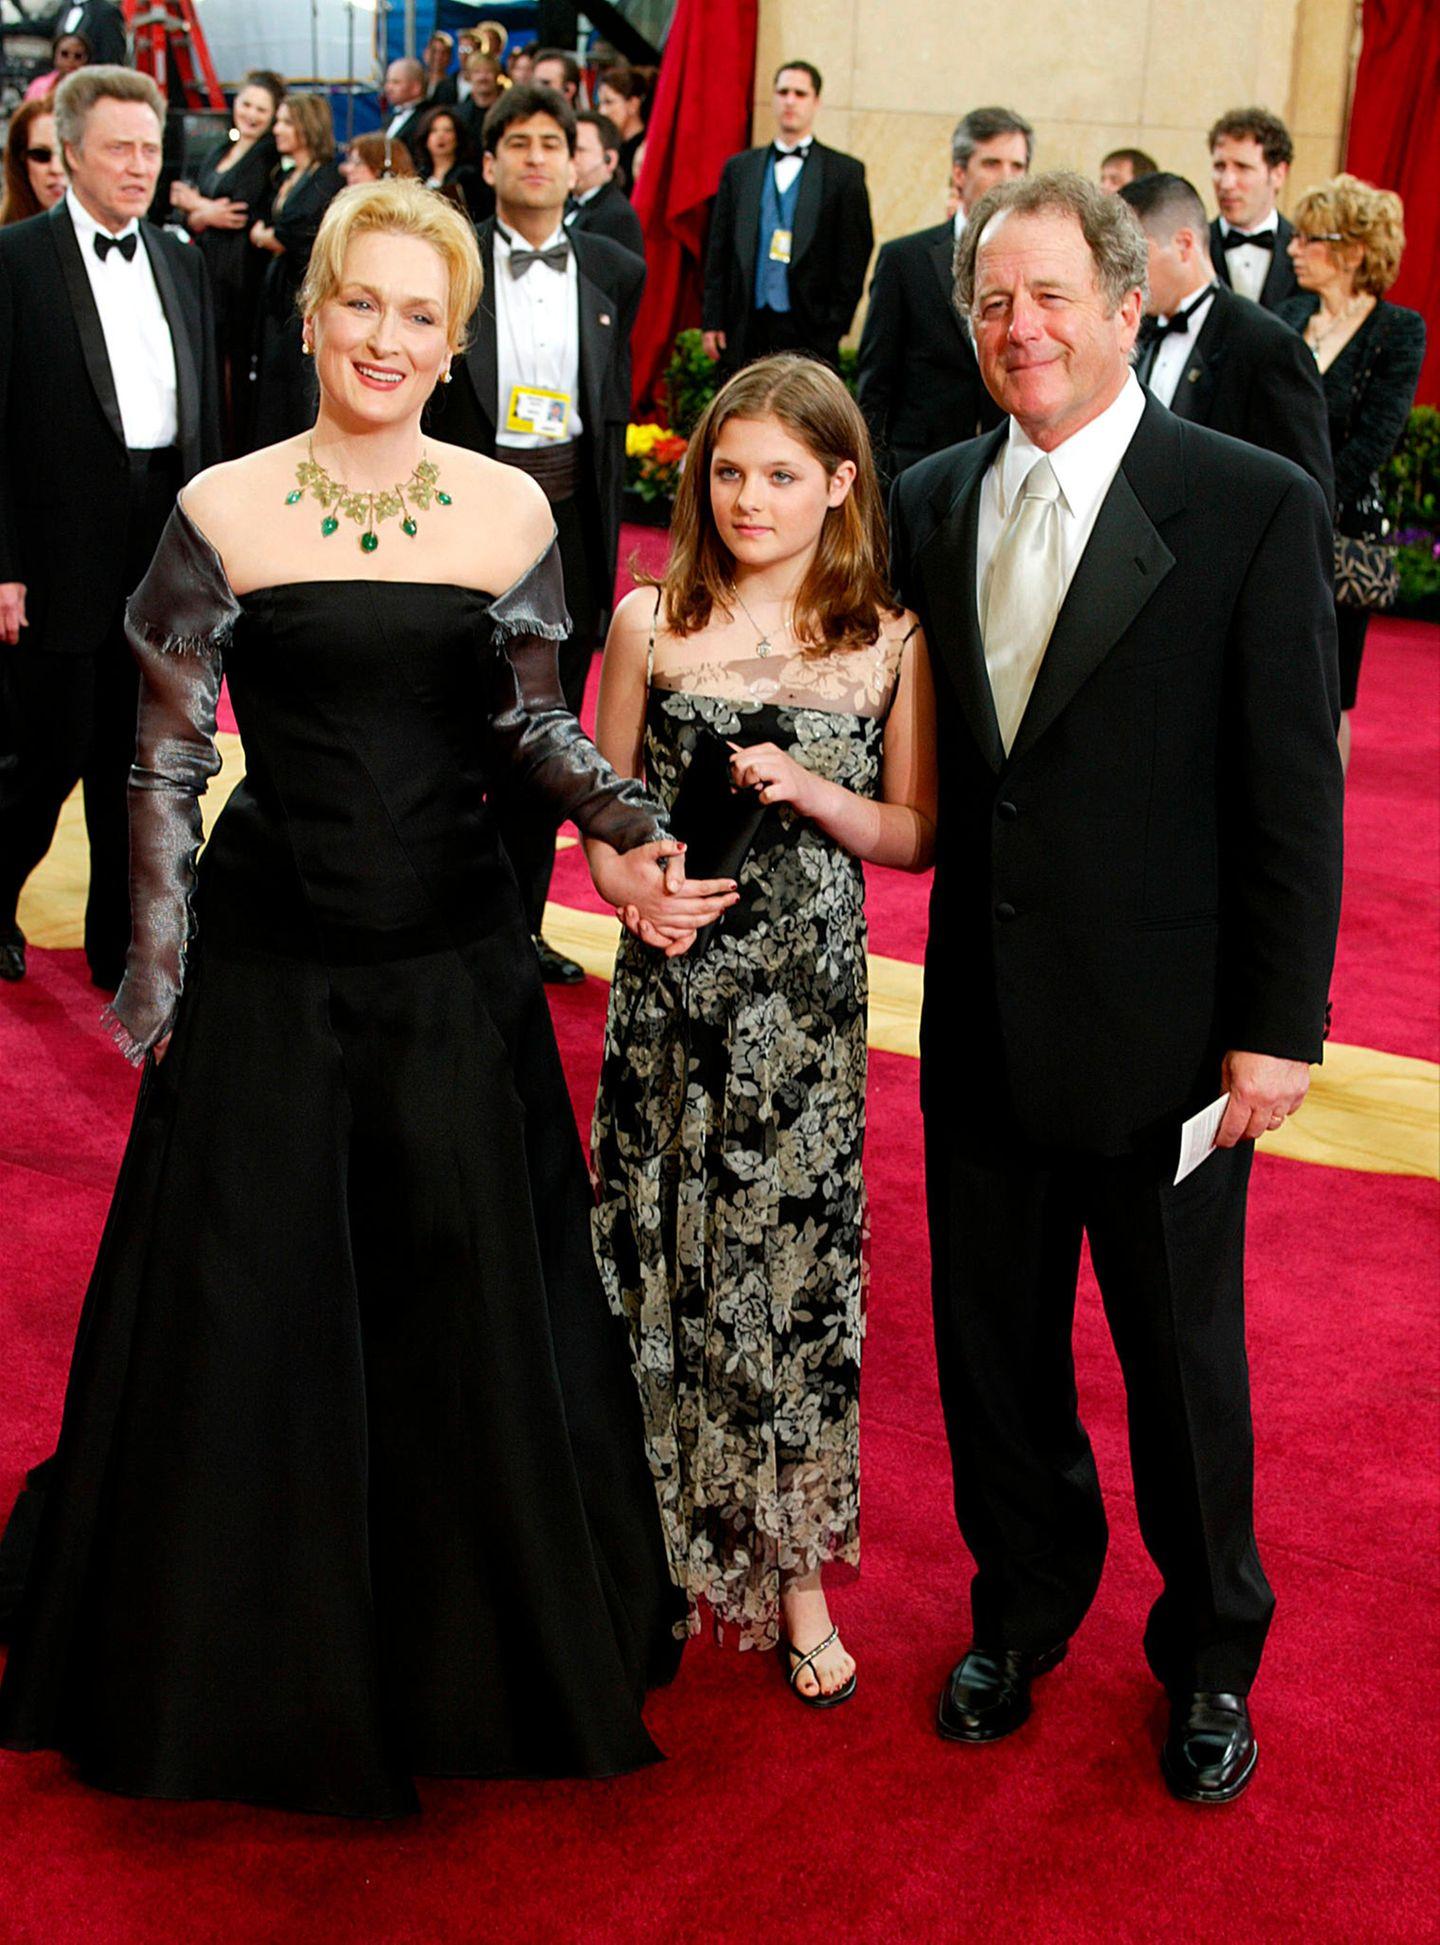 Treue Begleiter auf dem roten Teppich: Meryl Streep kommt 2003 mit ihrer Familie zur Oscar-Verleihung.